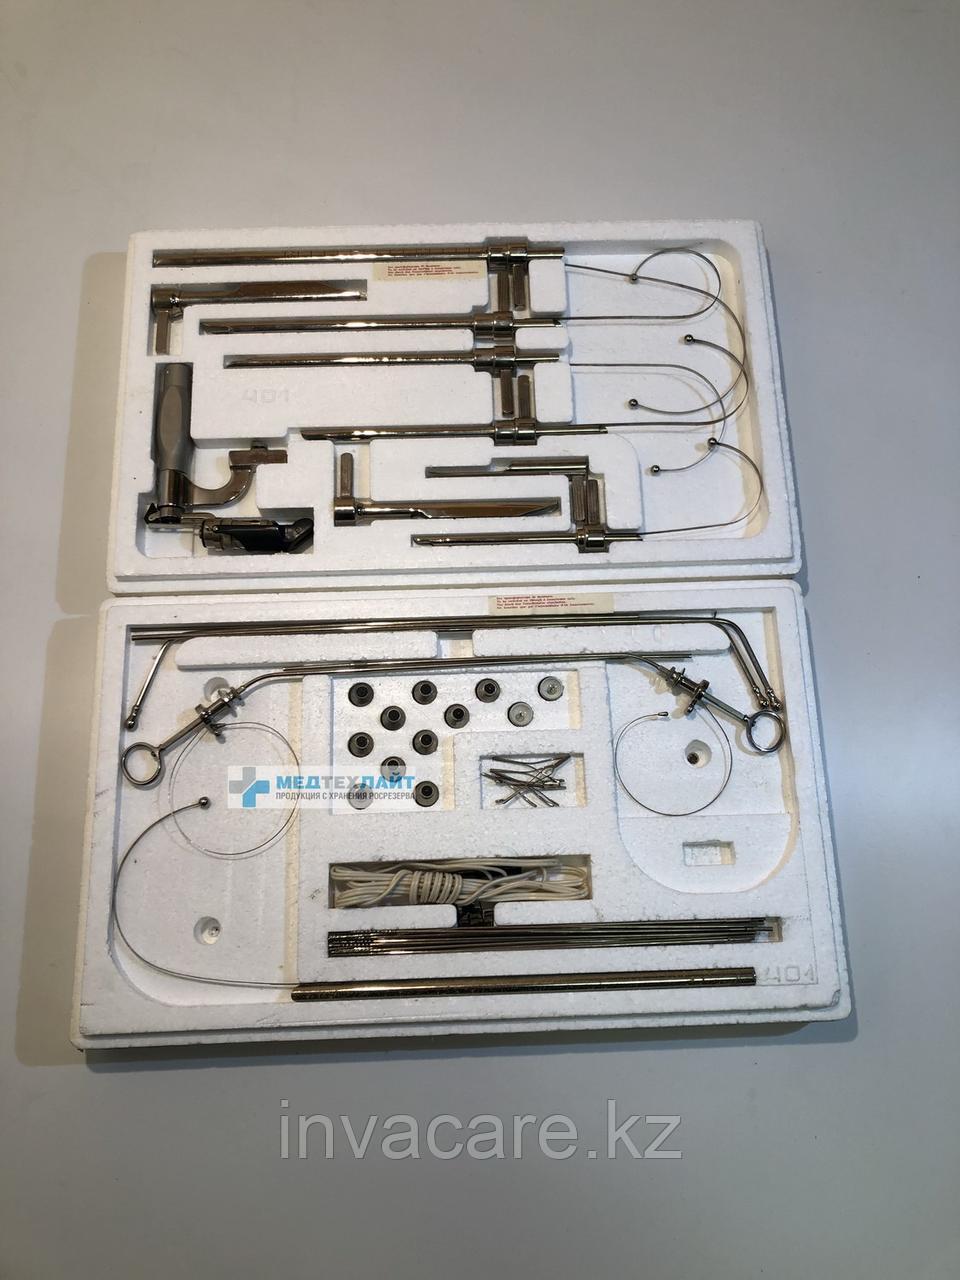 Бронхоэзофагоскоп БЭФ-1 мод. 401